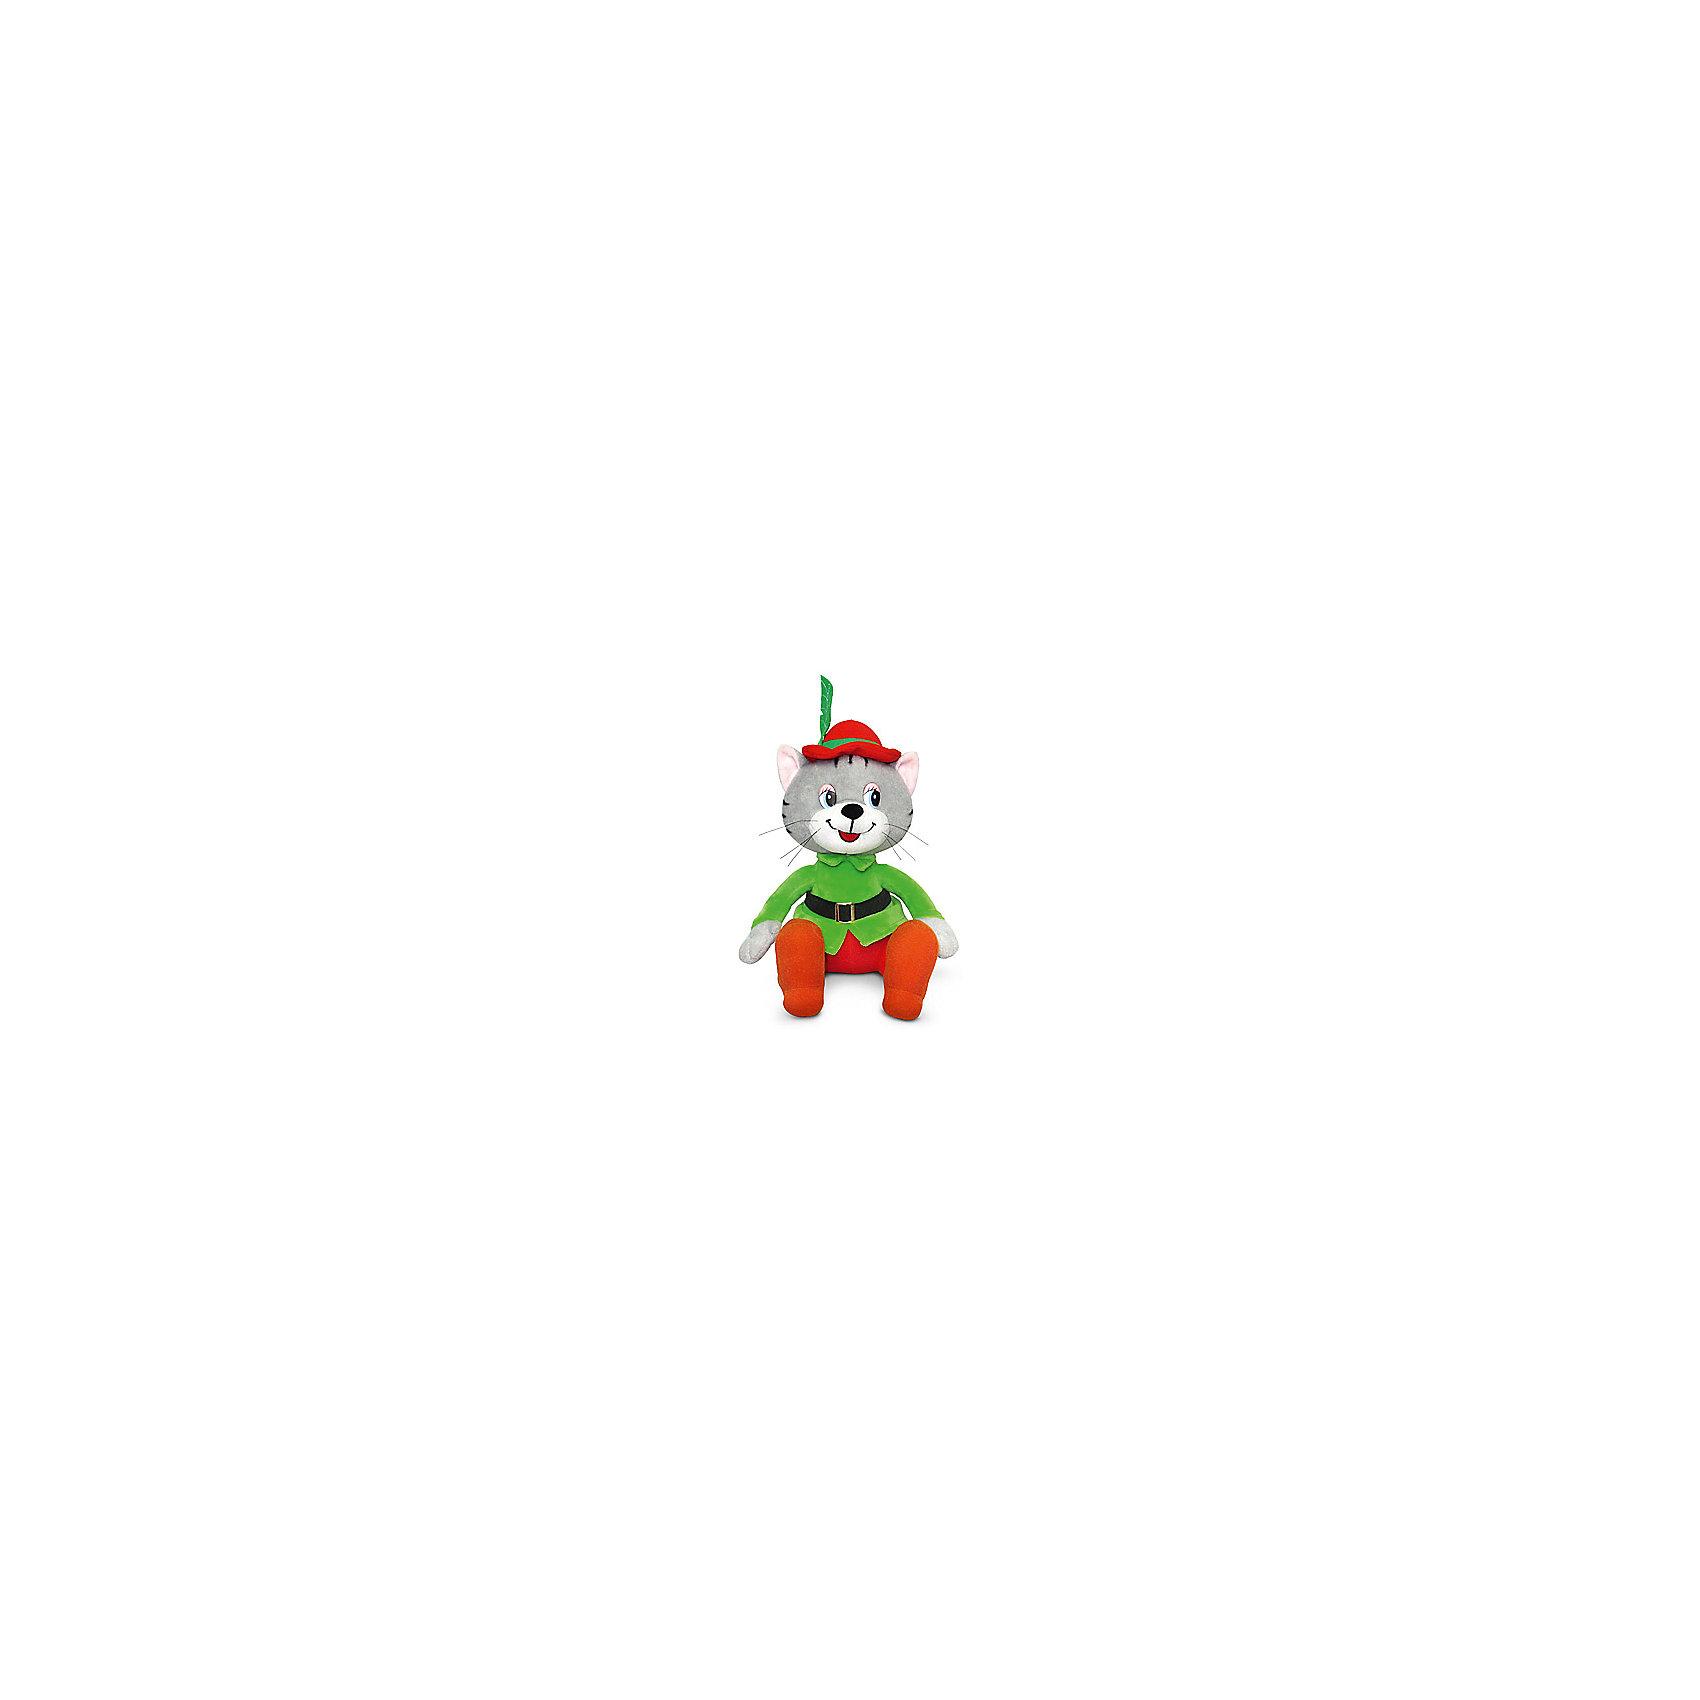 LAVA Кот Робин, музыкальный, 25 см., LAVA lava бобер музыкальный 19 см